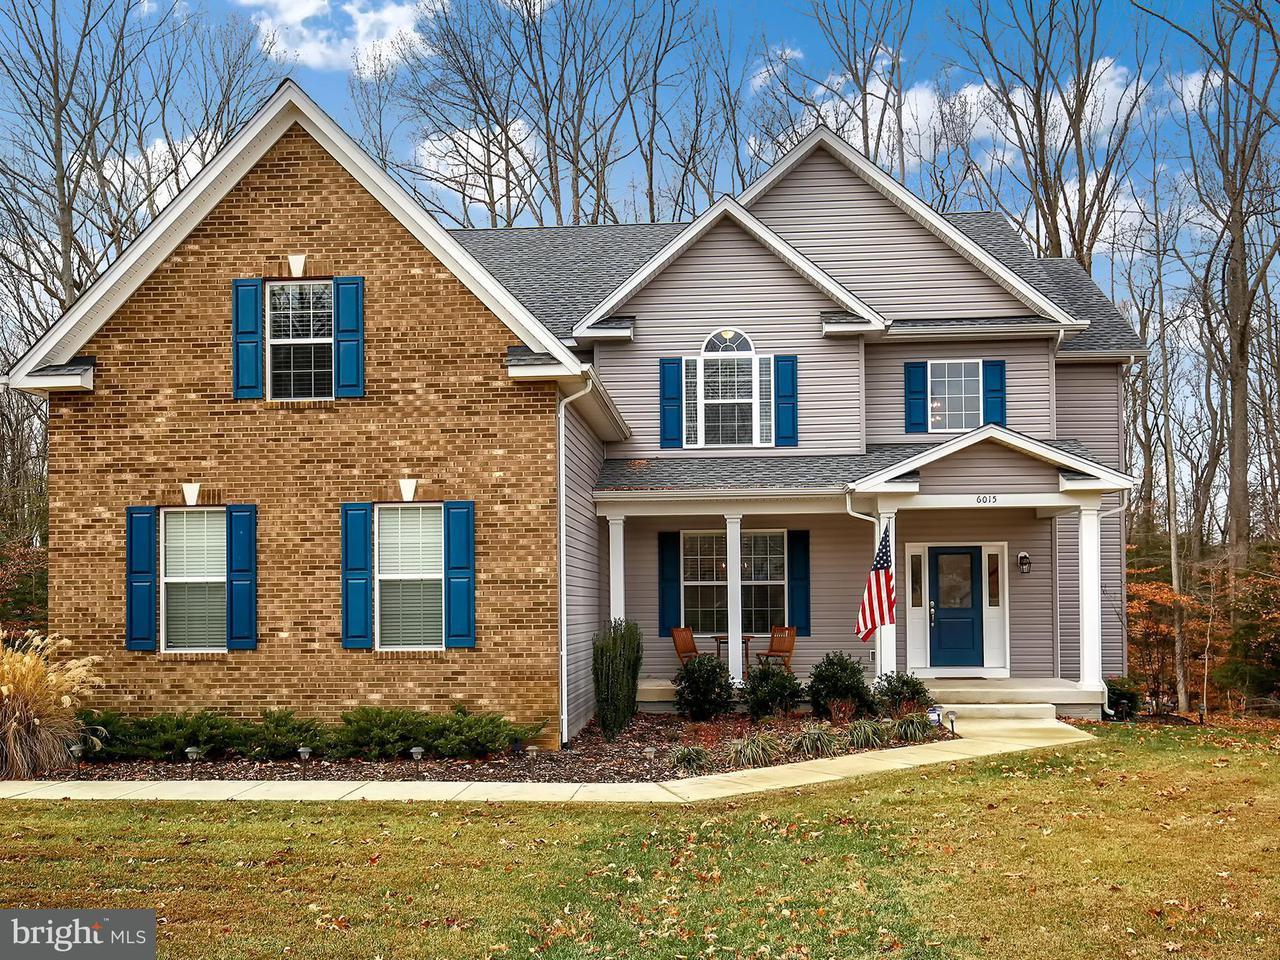 一戸建て のために 売買 アット 6015 Crayfish Court 6015 Crayfish Court Bryantown, メリーランド 20617 アメリカ合衆国